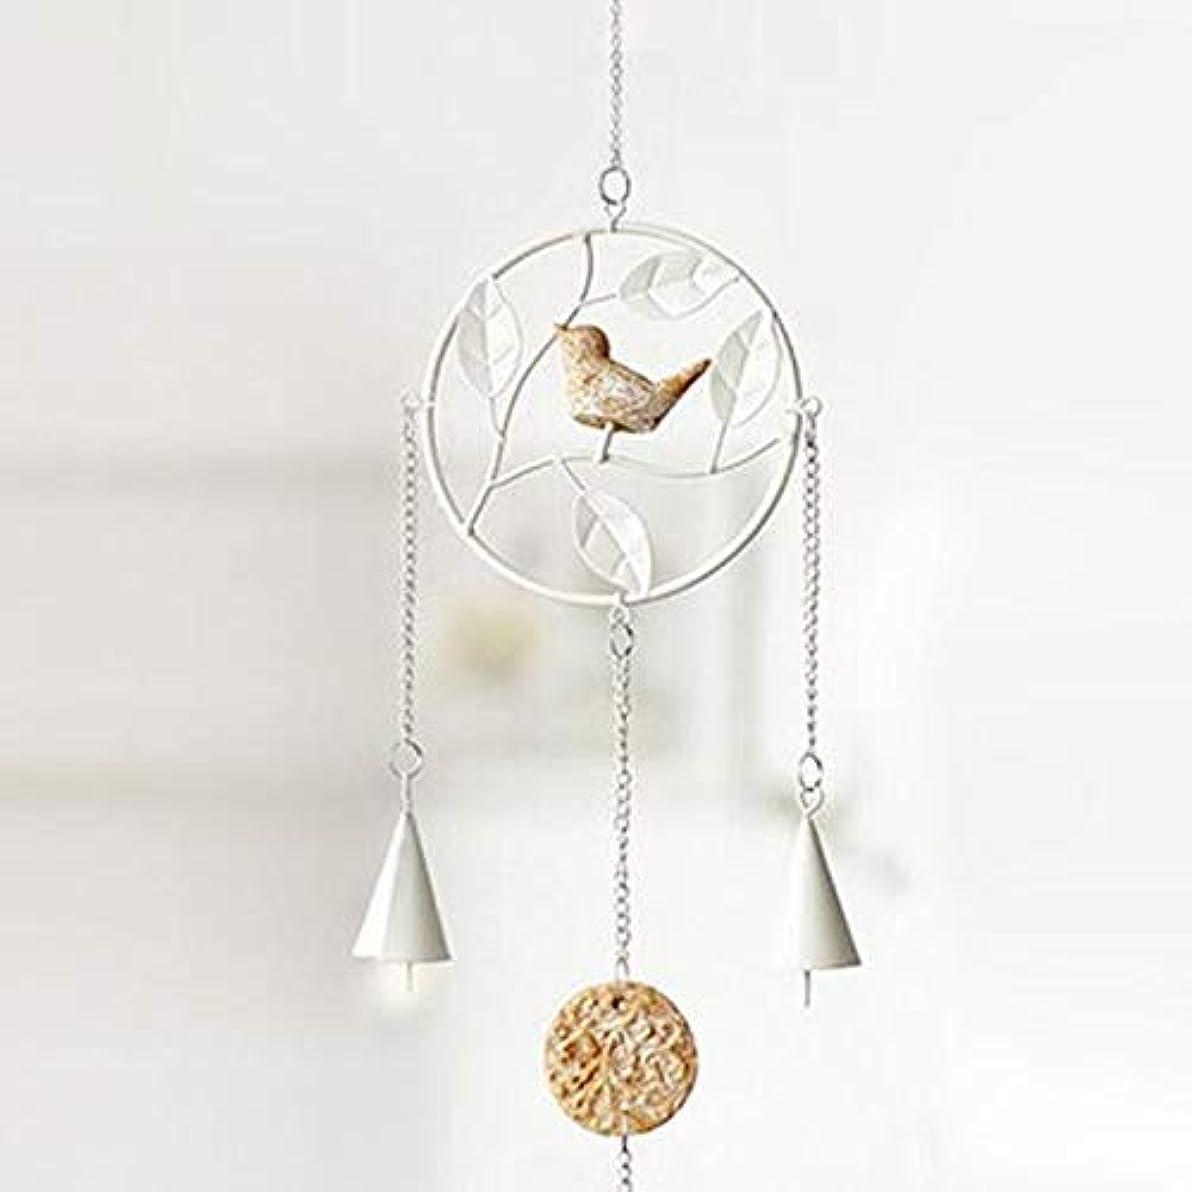 音節テロホバートJielongtongxun 風チャイム、アイアンクリエイティブ手作りの鳥風チャイム、グレー、全身について56センチ,絶妙な飾り (Color : Round White)